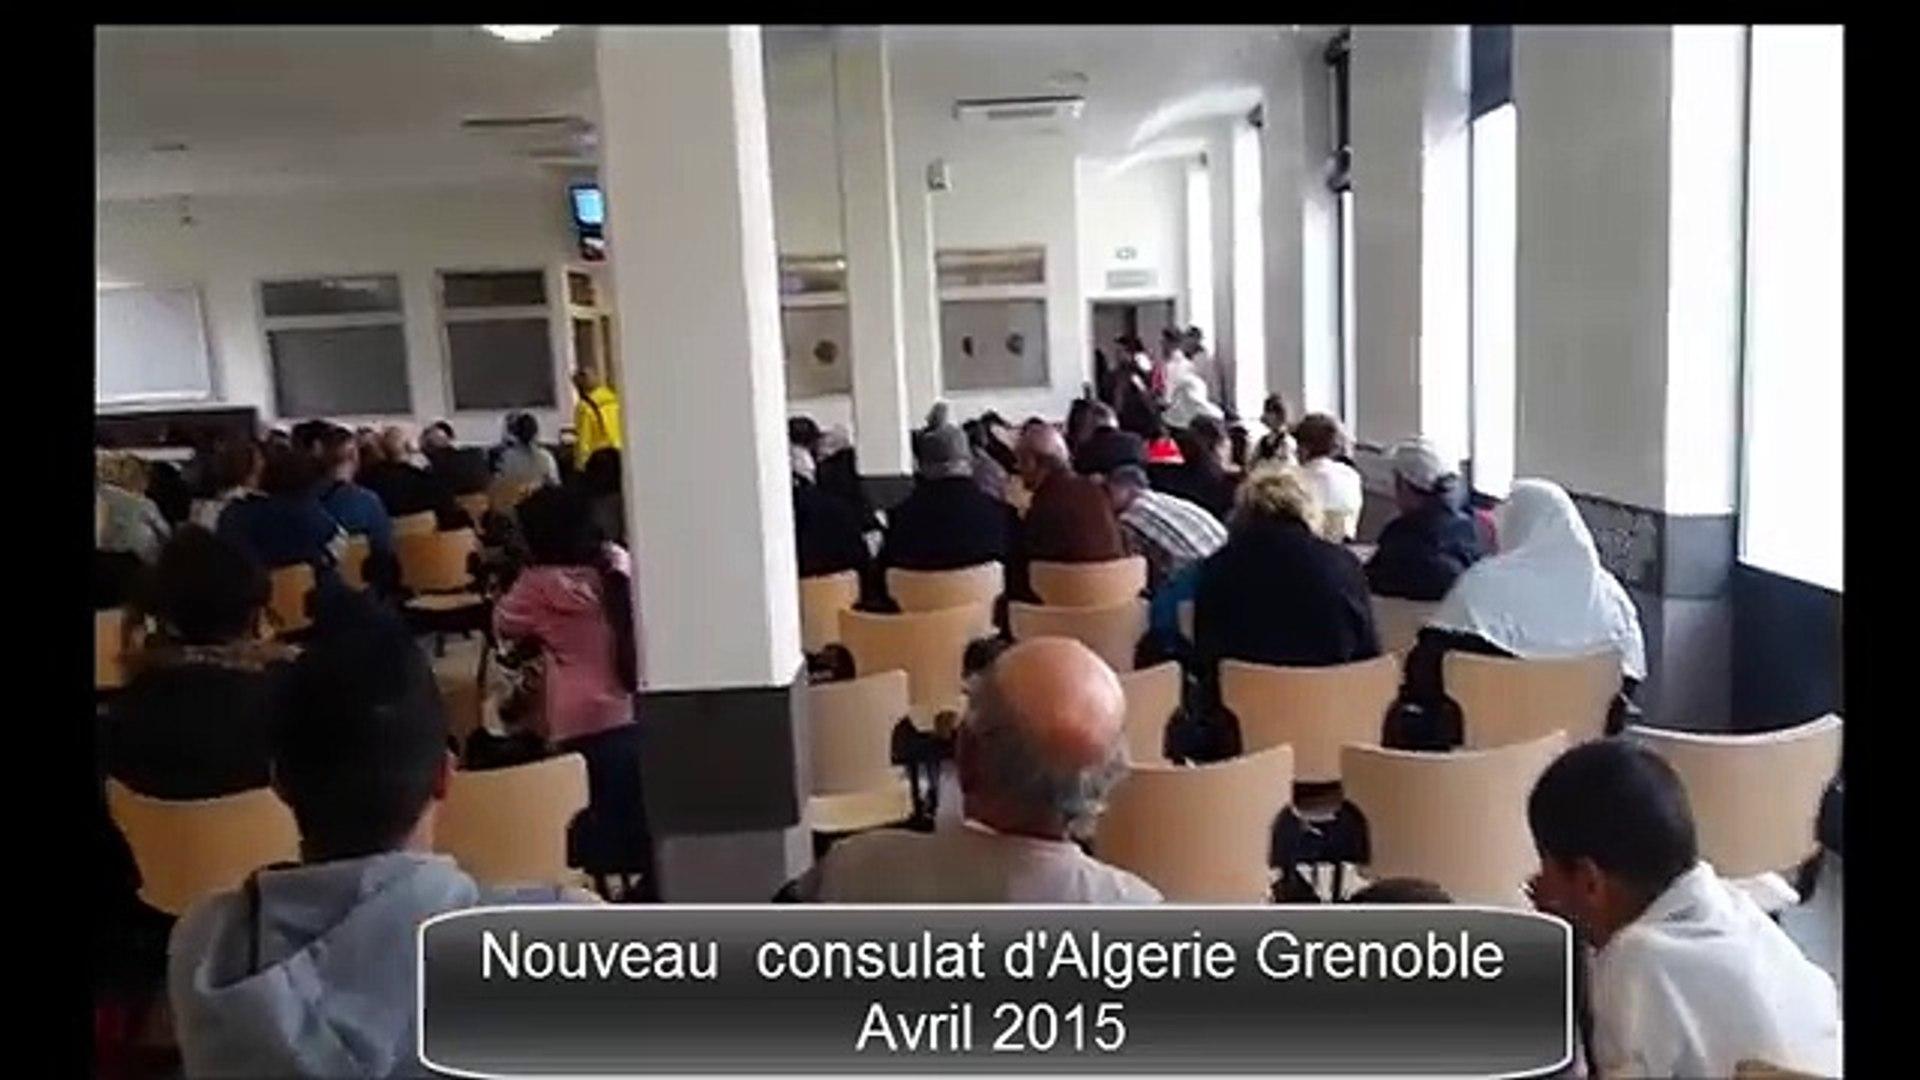 Nouveau Consulat D Algerie Grenoble Algerien Avril 2015 Fvy5mou8jwi